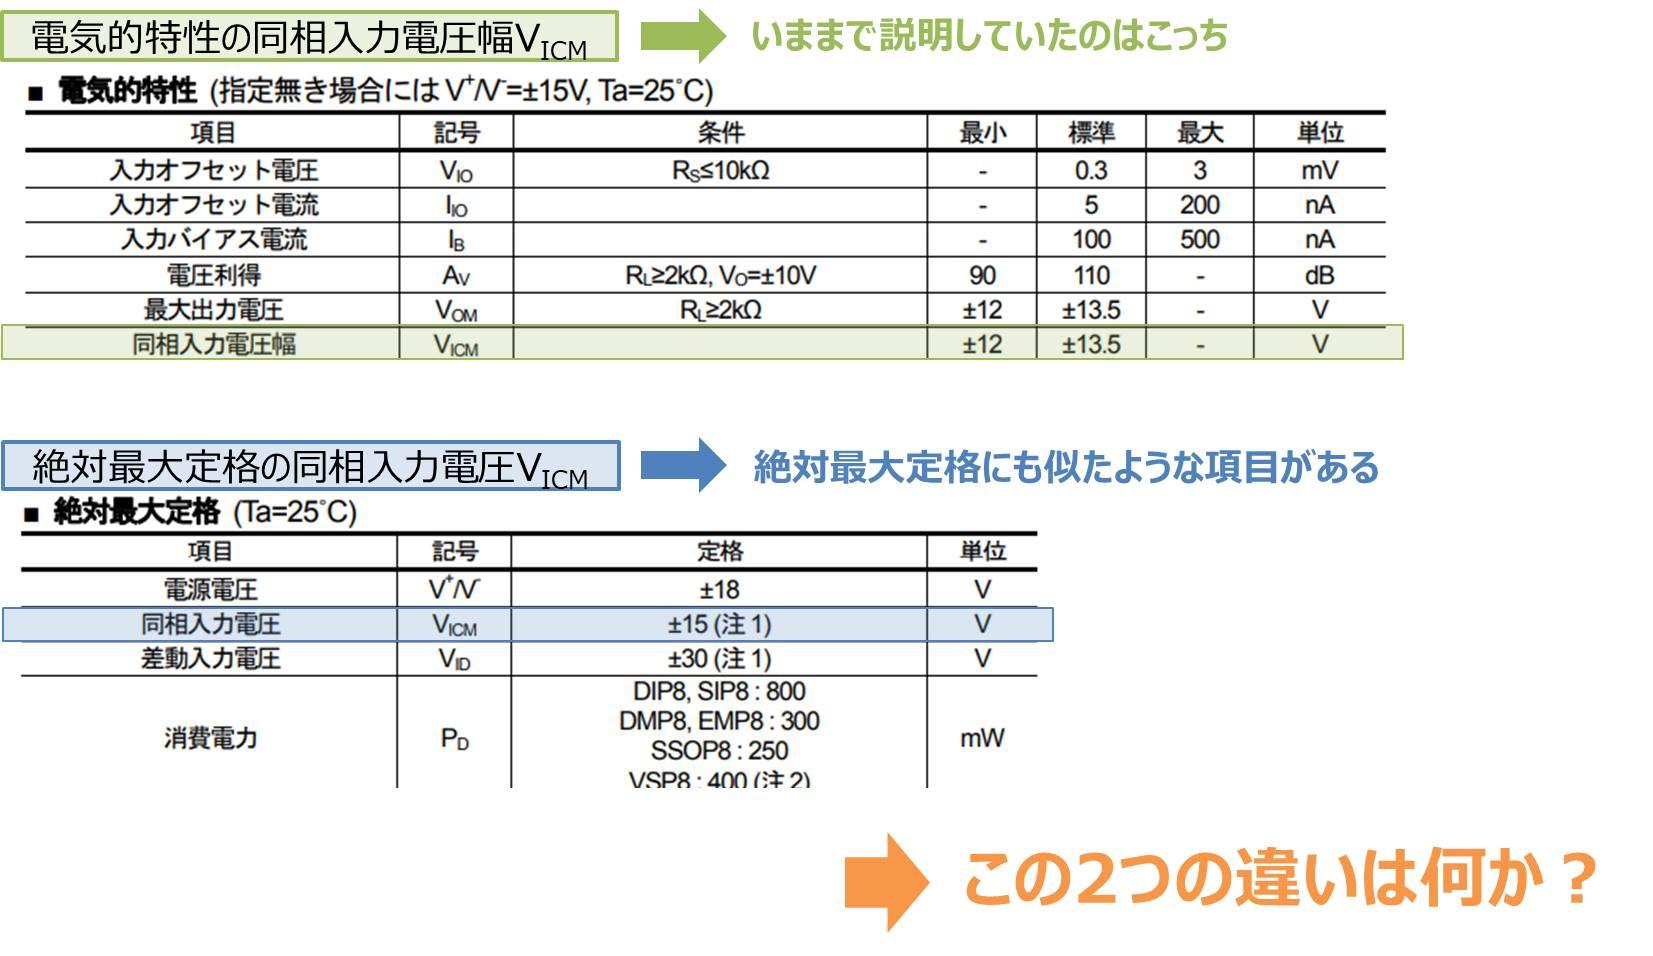 電気的特性の『同相入力電圧範囲』と絶対最大定格の『同相入力電圧』の違いとは